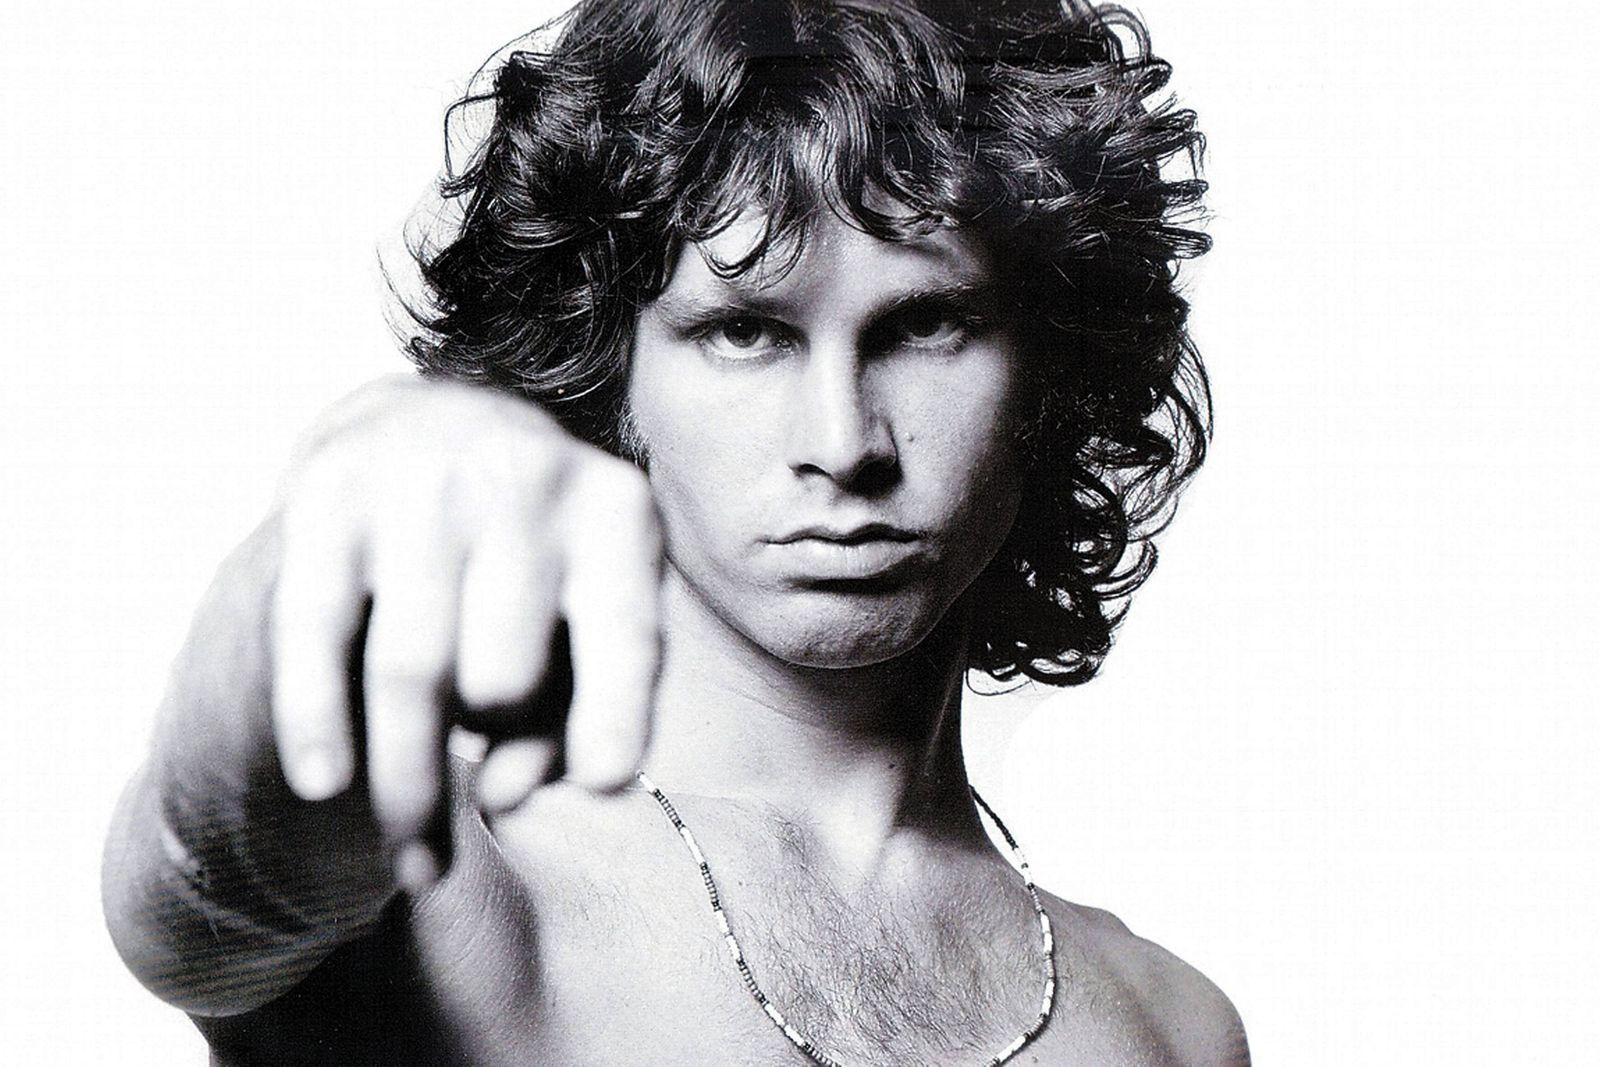 July 09, 2011 - Paris, France - FILE: 1960 s. James Douglas Jim Morrison (December 8, 1943